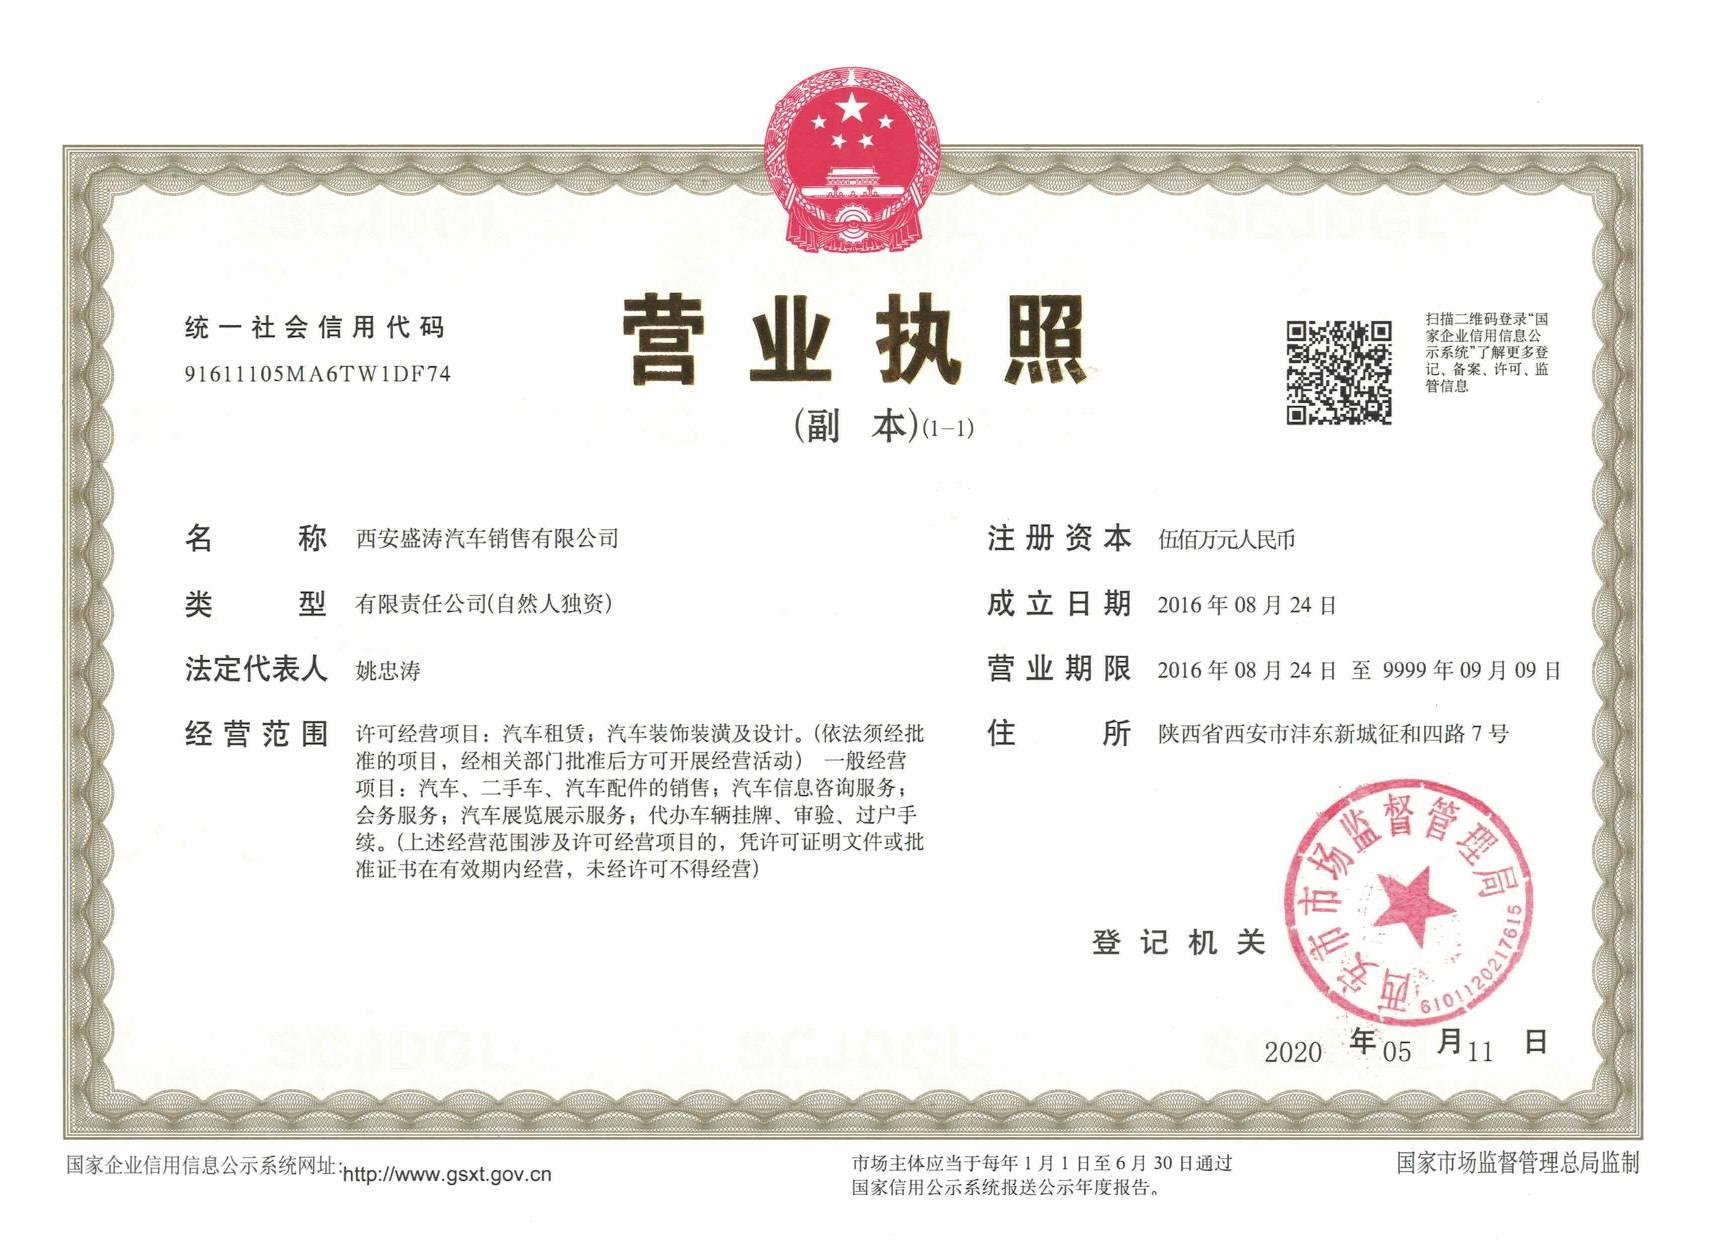 西安盛涛汽车销售有限公司营业执照